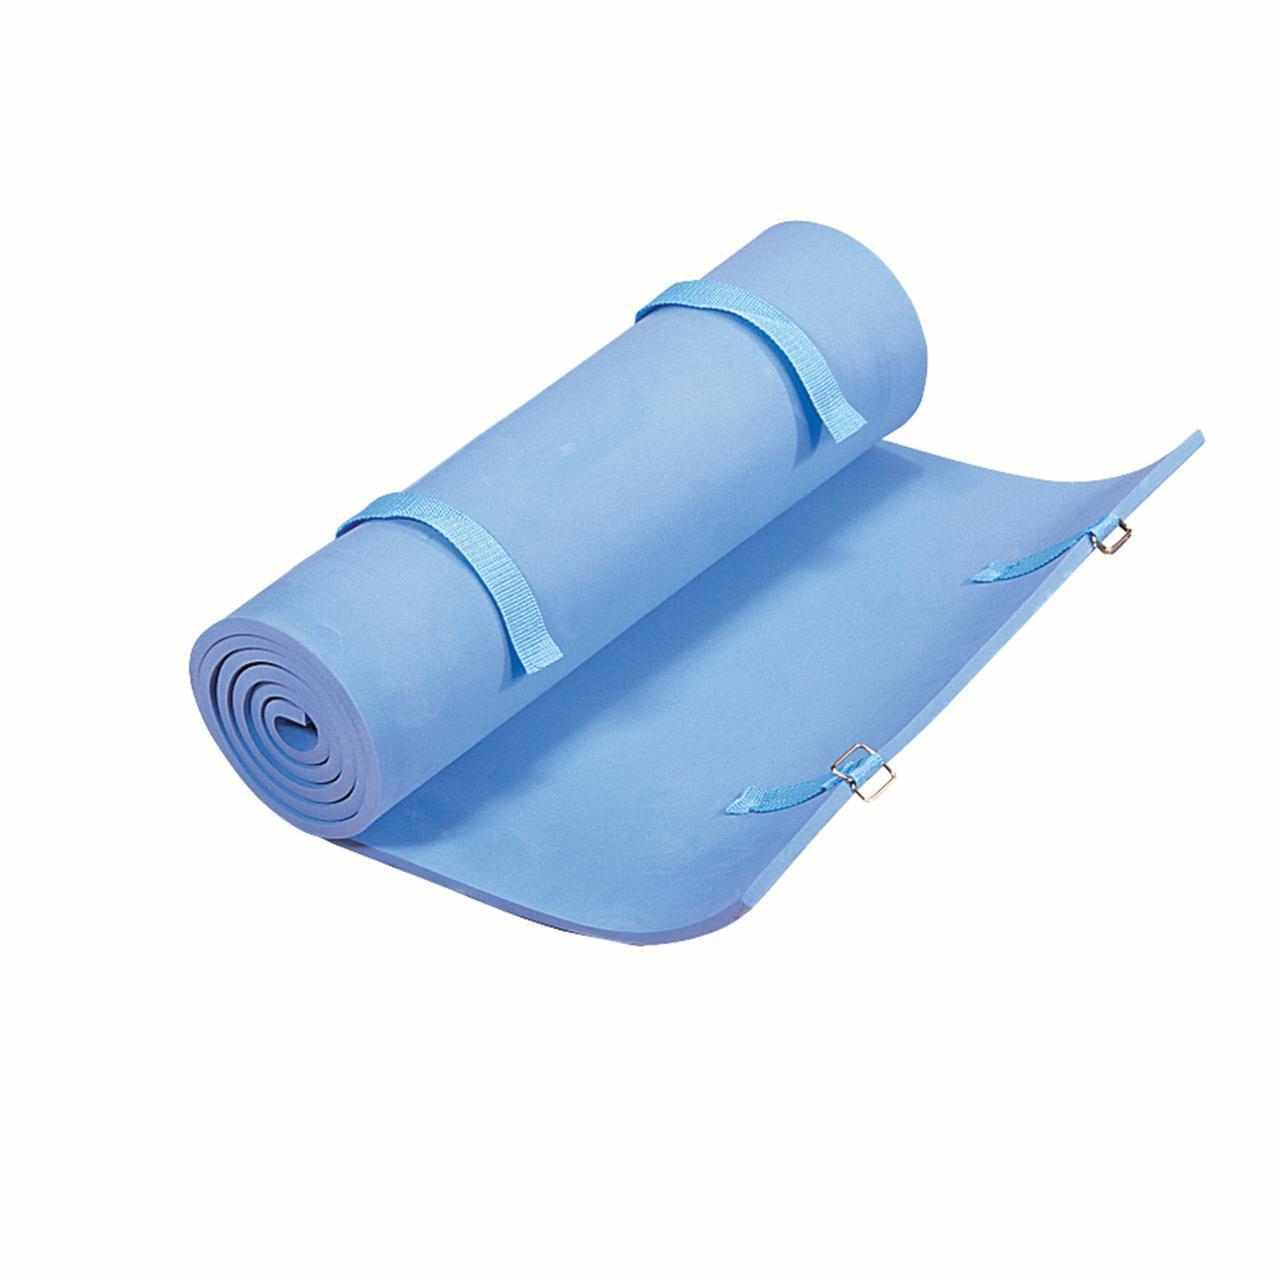 """Stansport Packlite Foam Sleeping Pad - Blue - 19"""" x 72"""""""